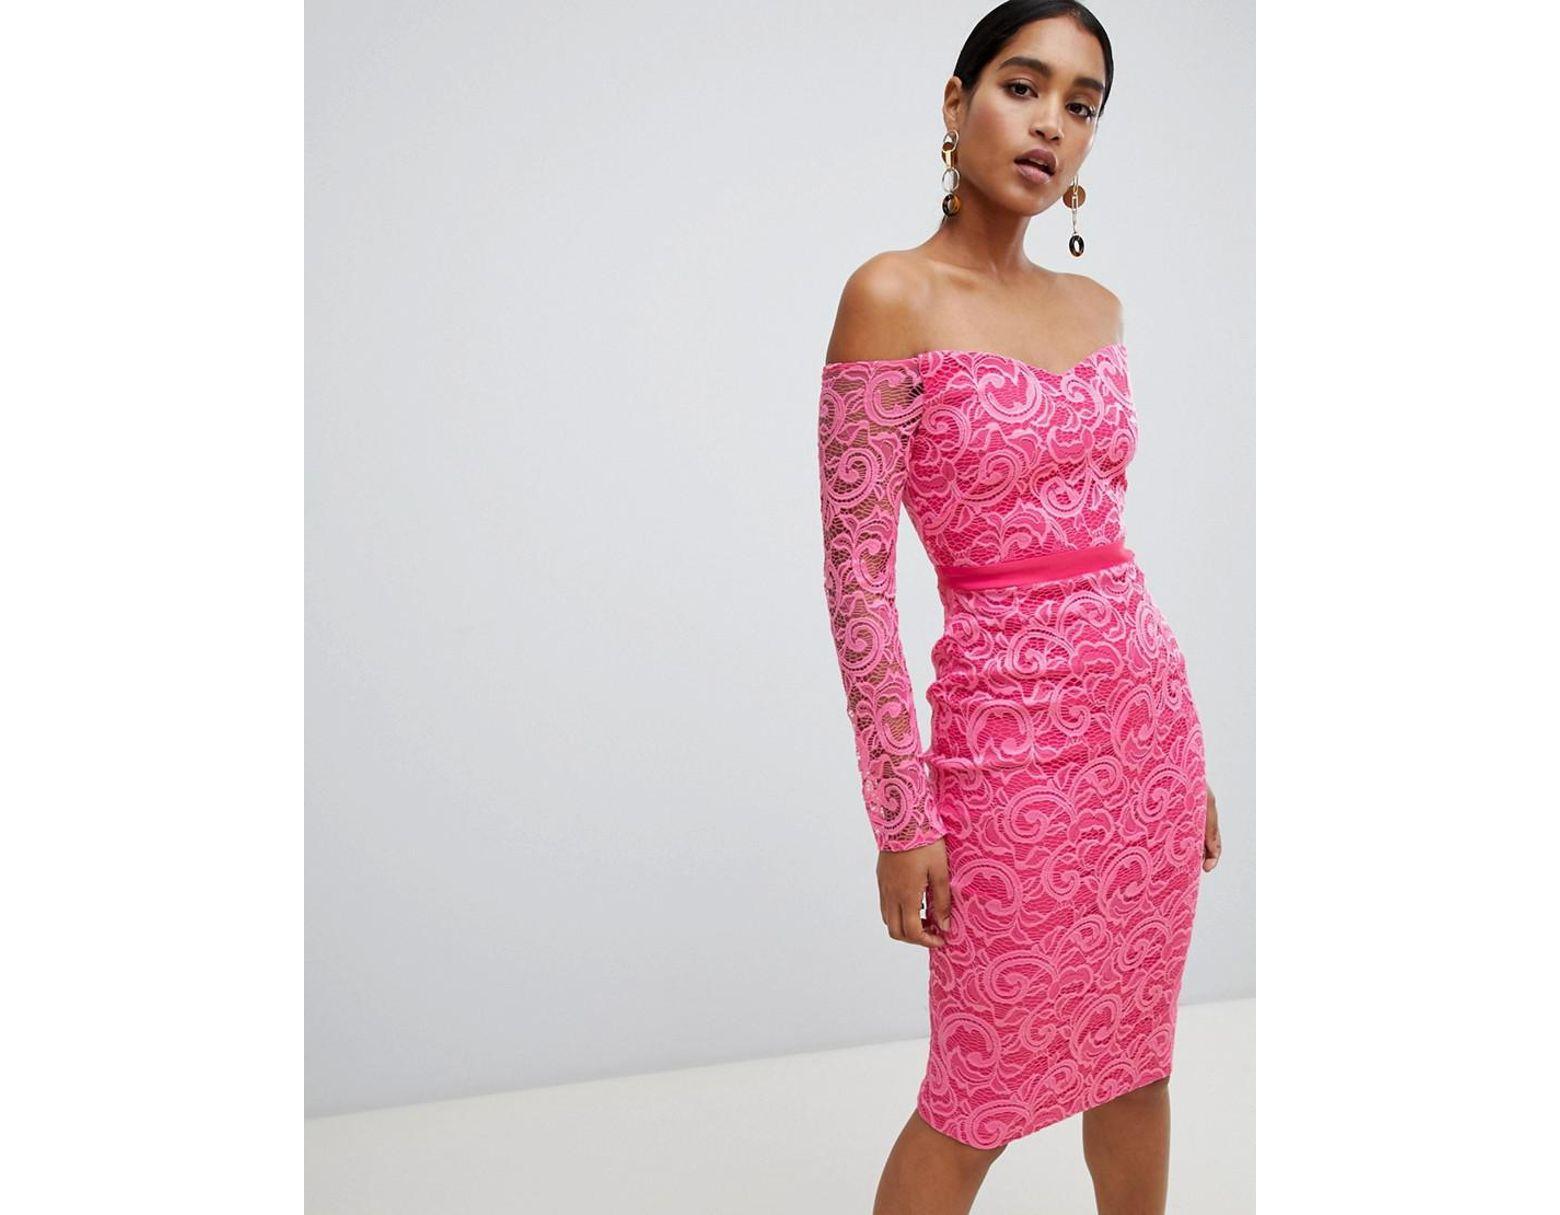 b8b3487c290b4 Vesper Lace Boat Neck Long Sleeve Pencil Dress in Pink - Lyst